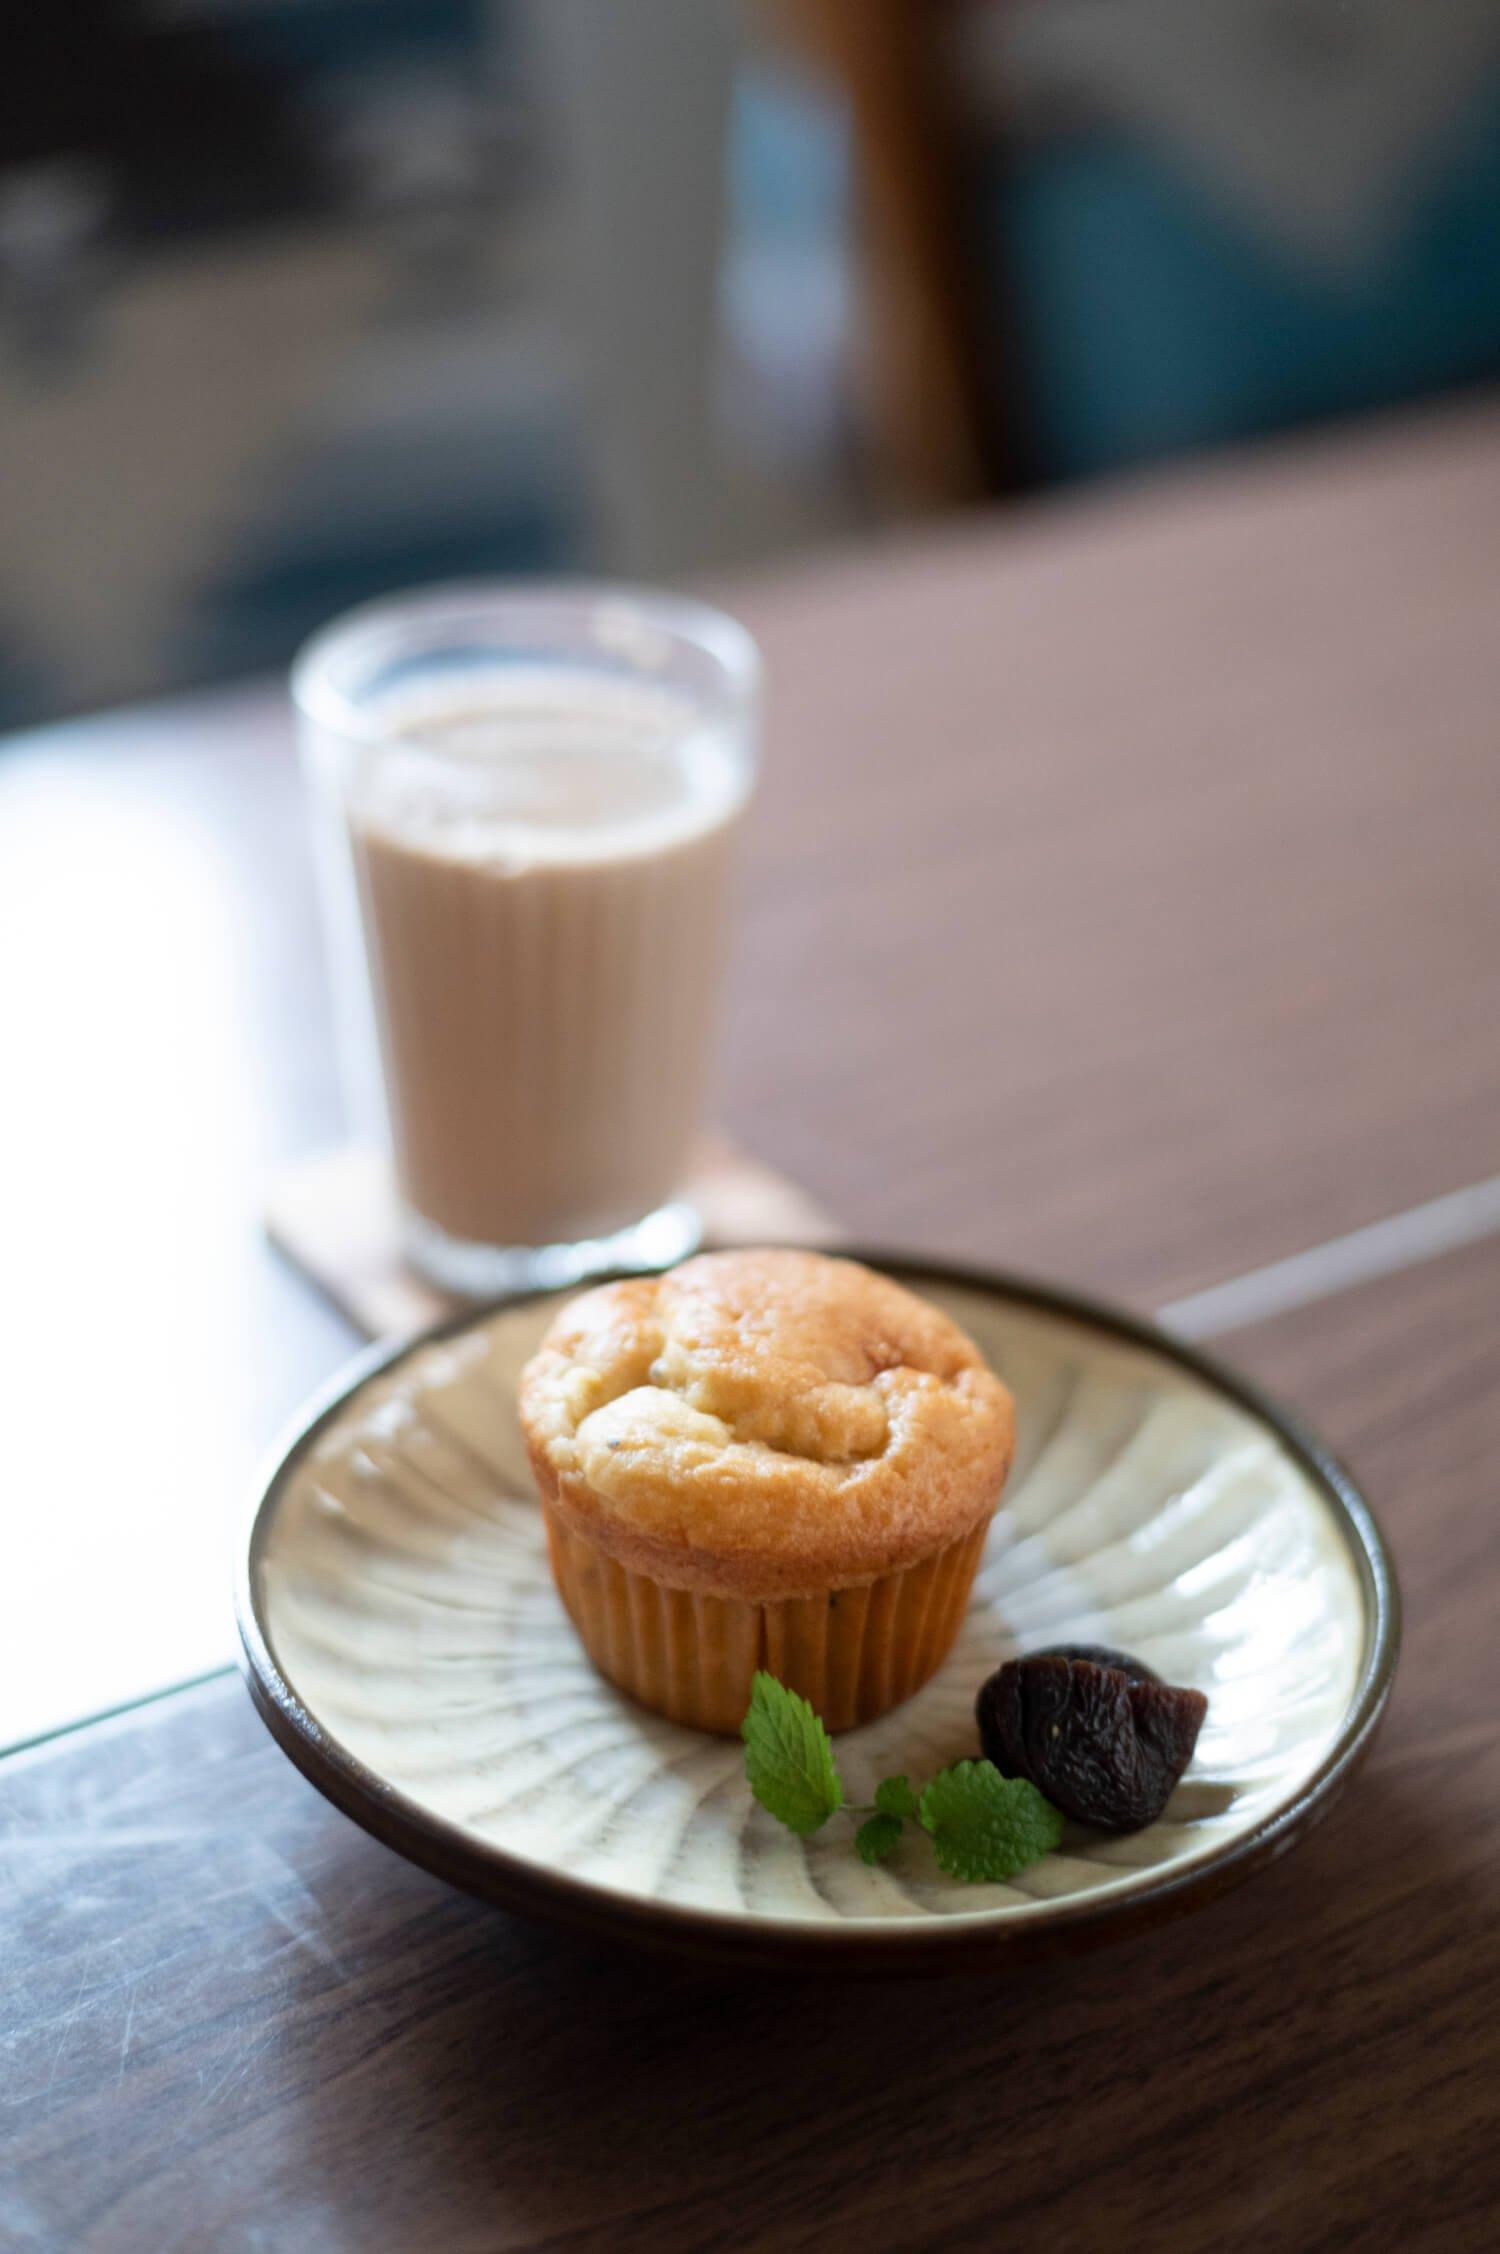 ランチドリンクの豆乳チャイ320円は「ごりごりスパイスを挽いてます」。キウイとリンゴのマフィン350円。